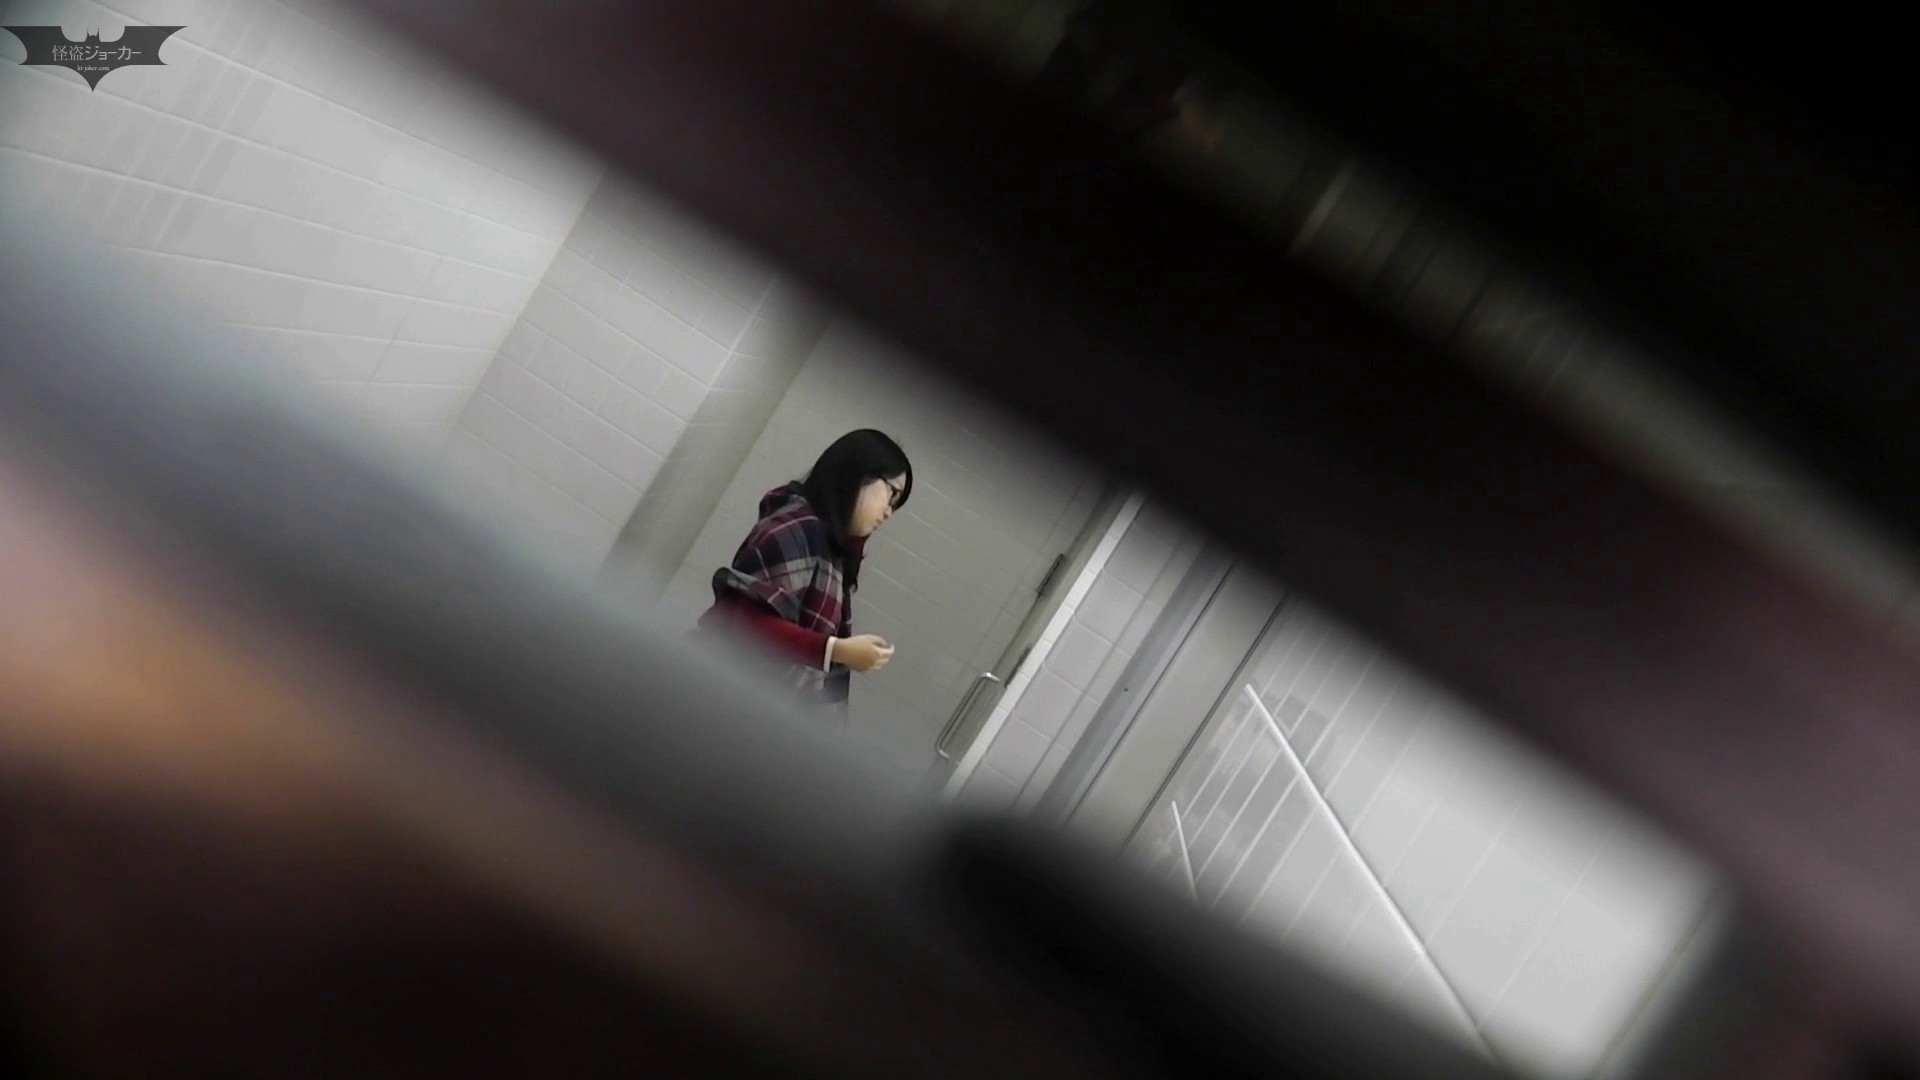 おまんこ:お銀さん vol.59 ピンチ!!「鏡の前で祈る女性」にばれる危機:怪盗ジョーカー